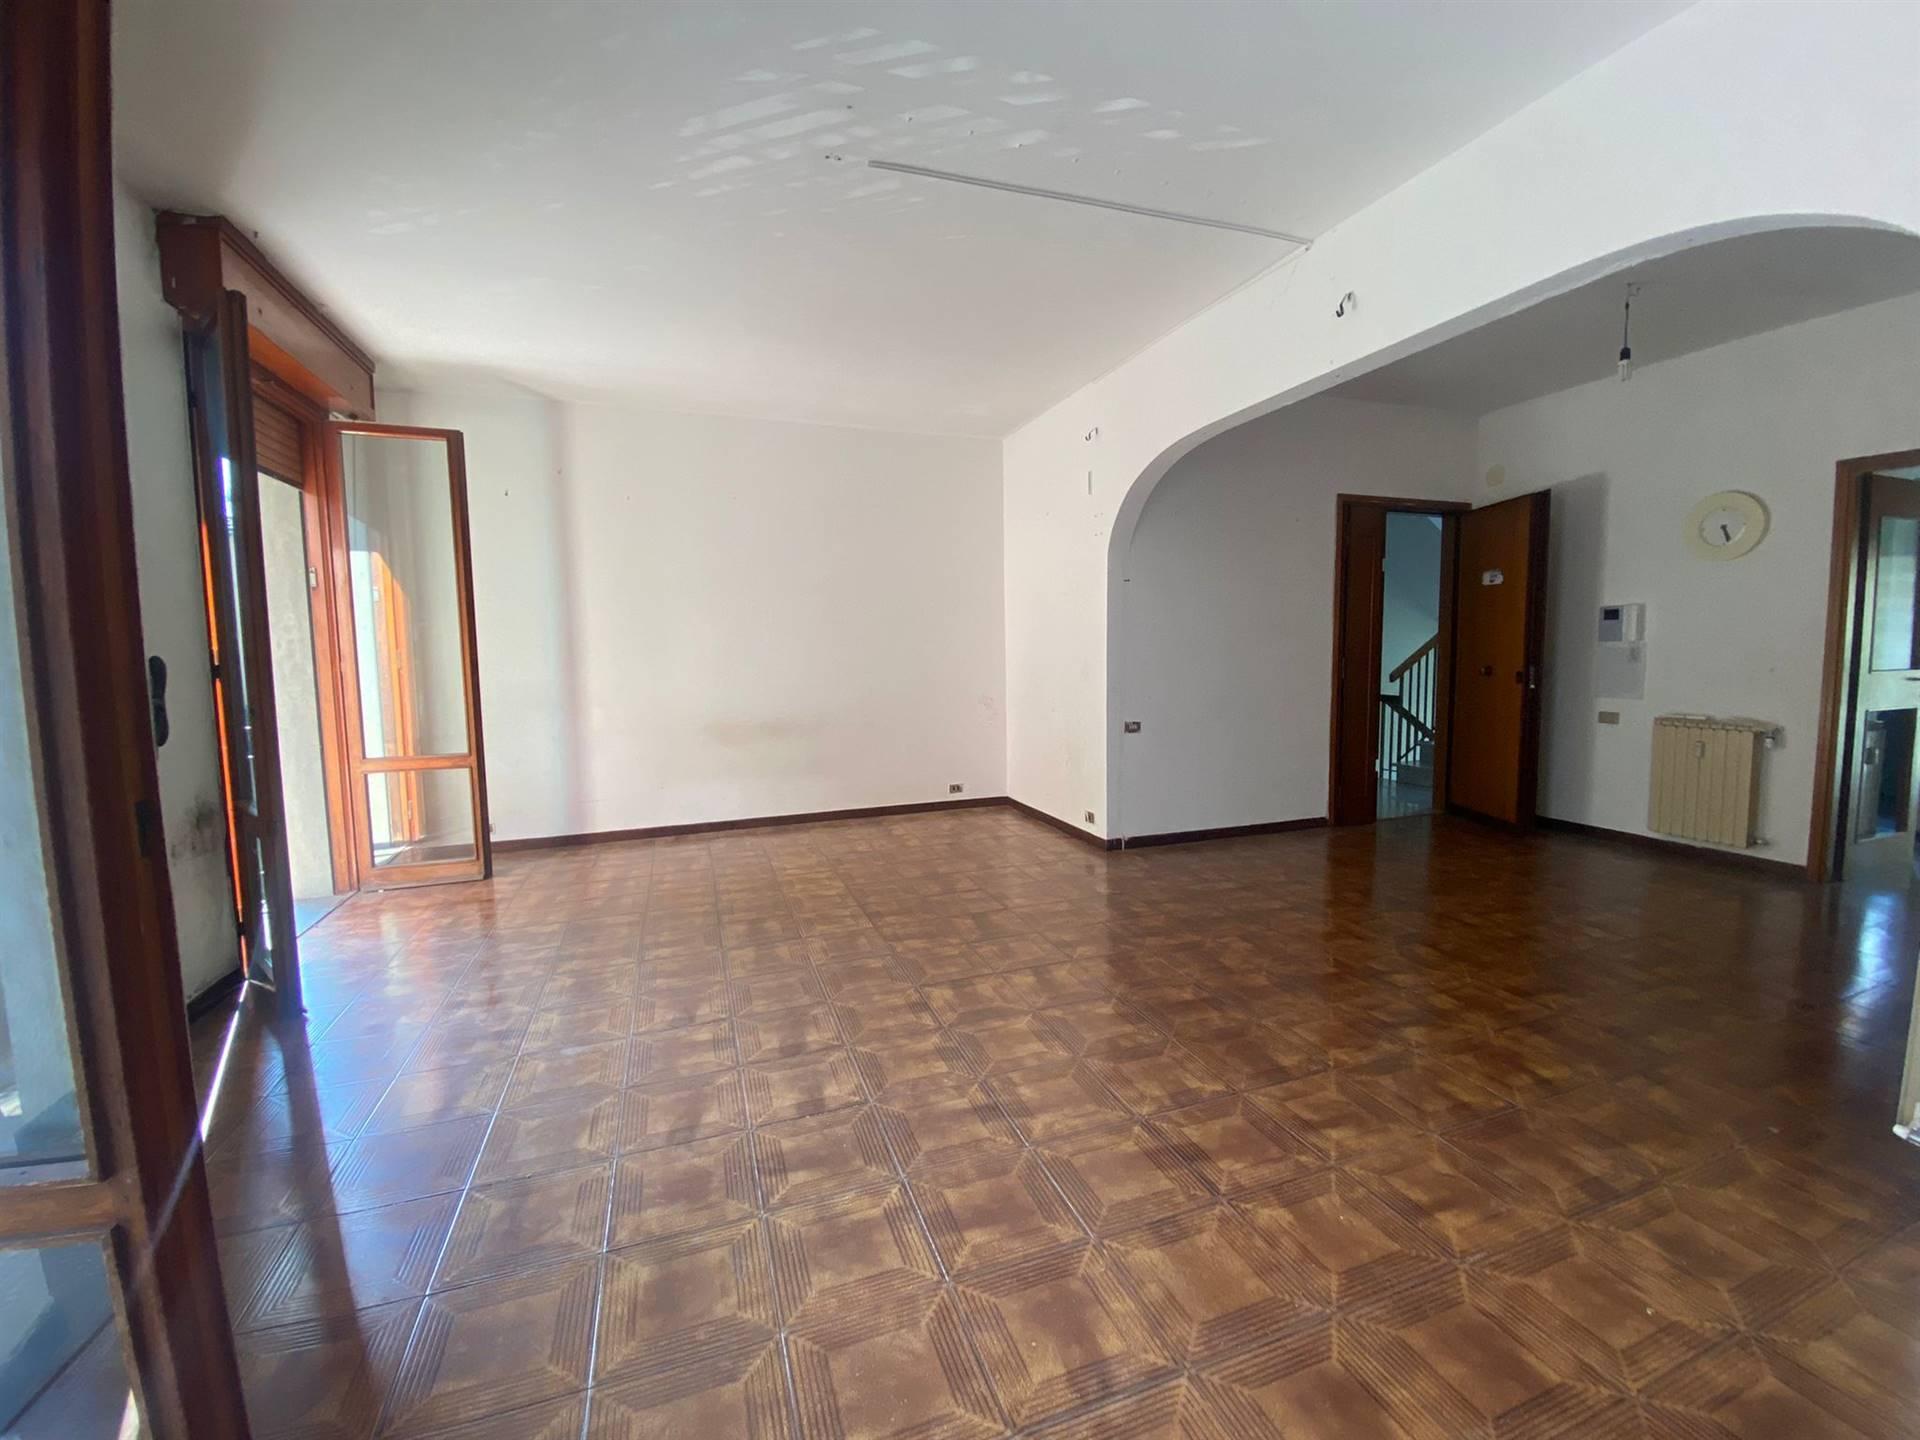 Appartamento in vendita a Prato, 5 locali, zona io, prezzo € 295.000   PortaleAgenzieImmobiliari.it